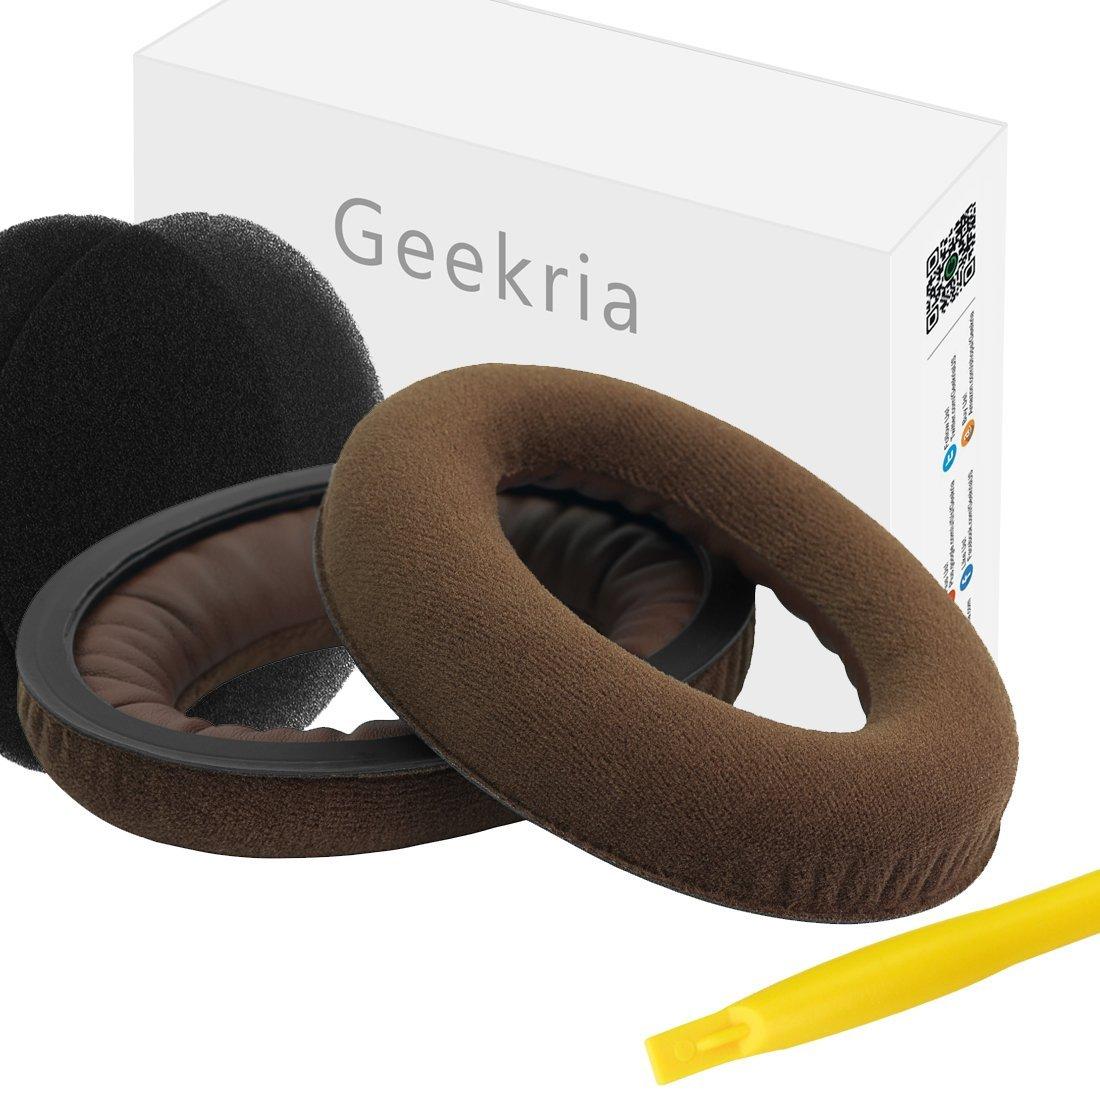 Geekria Earpads for Sennheiser HD598, HD598SE, HD598CS, HD515, HD555, HD595, HD518 Headphones Replacement Ear Pad / Ear Cushion / Ear Cups / Ear Cover / Earpad Repair Parts (Dense Velvet Brown) EJZ133-02